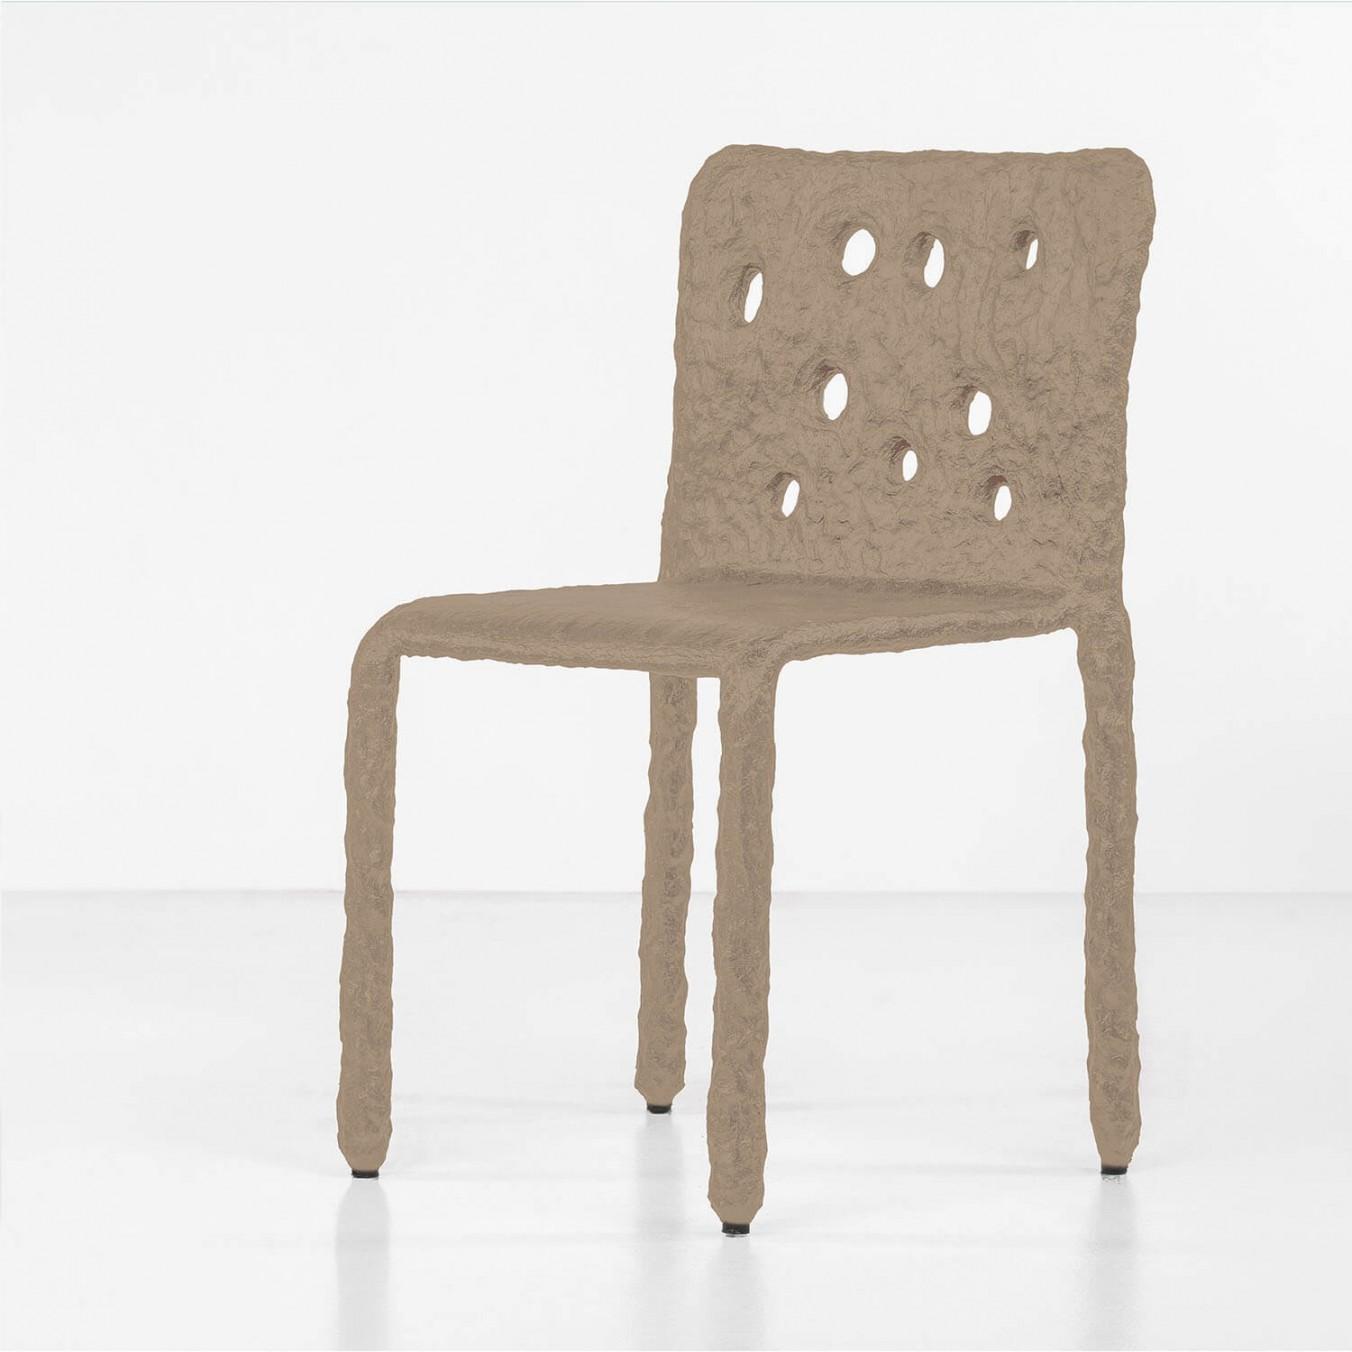 ZTISTA chair